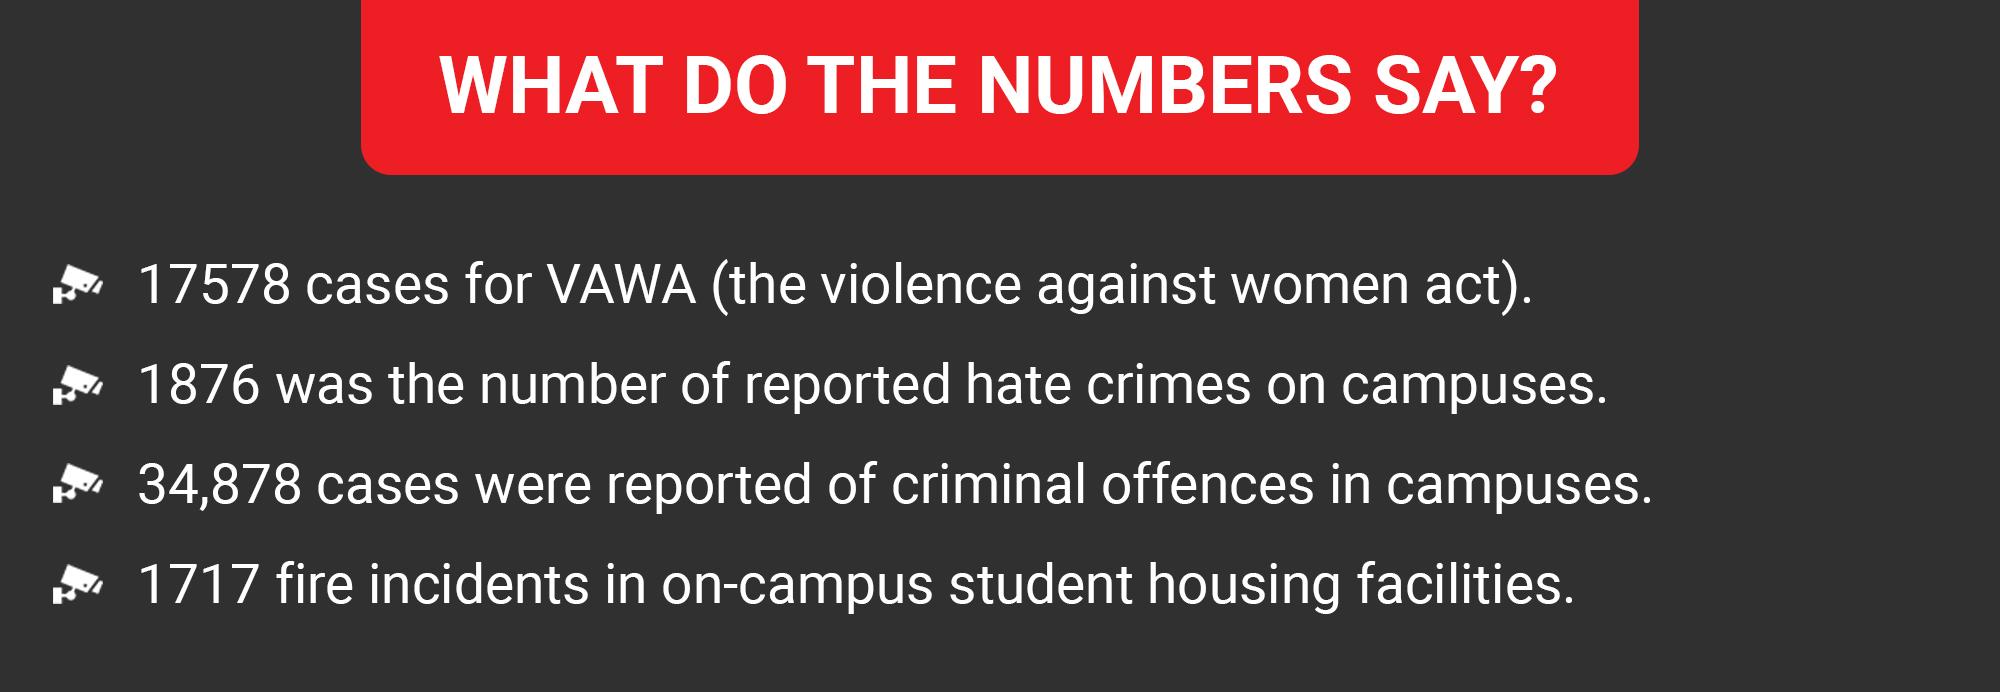 Campus Safety Statistics